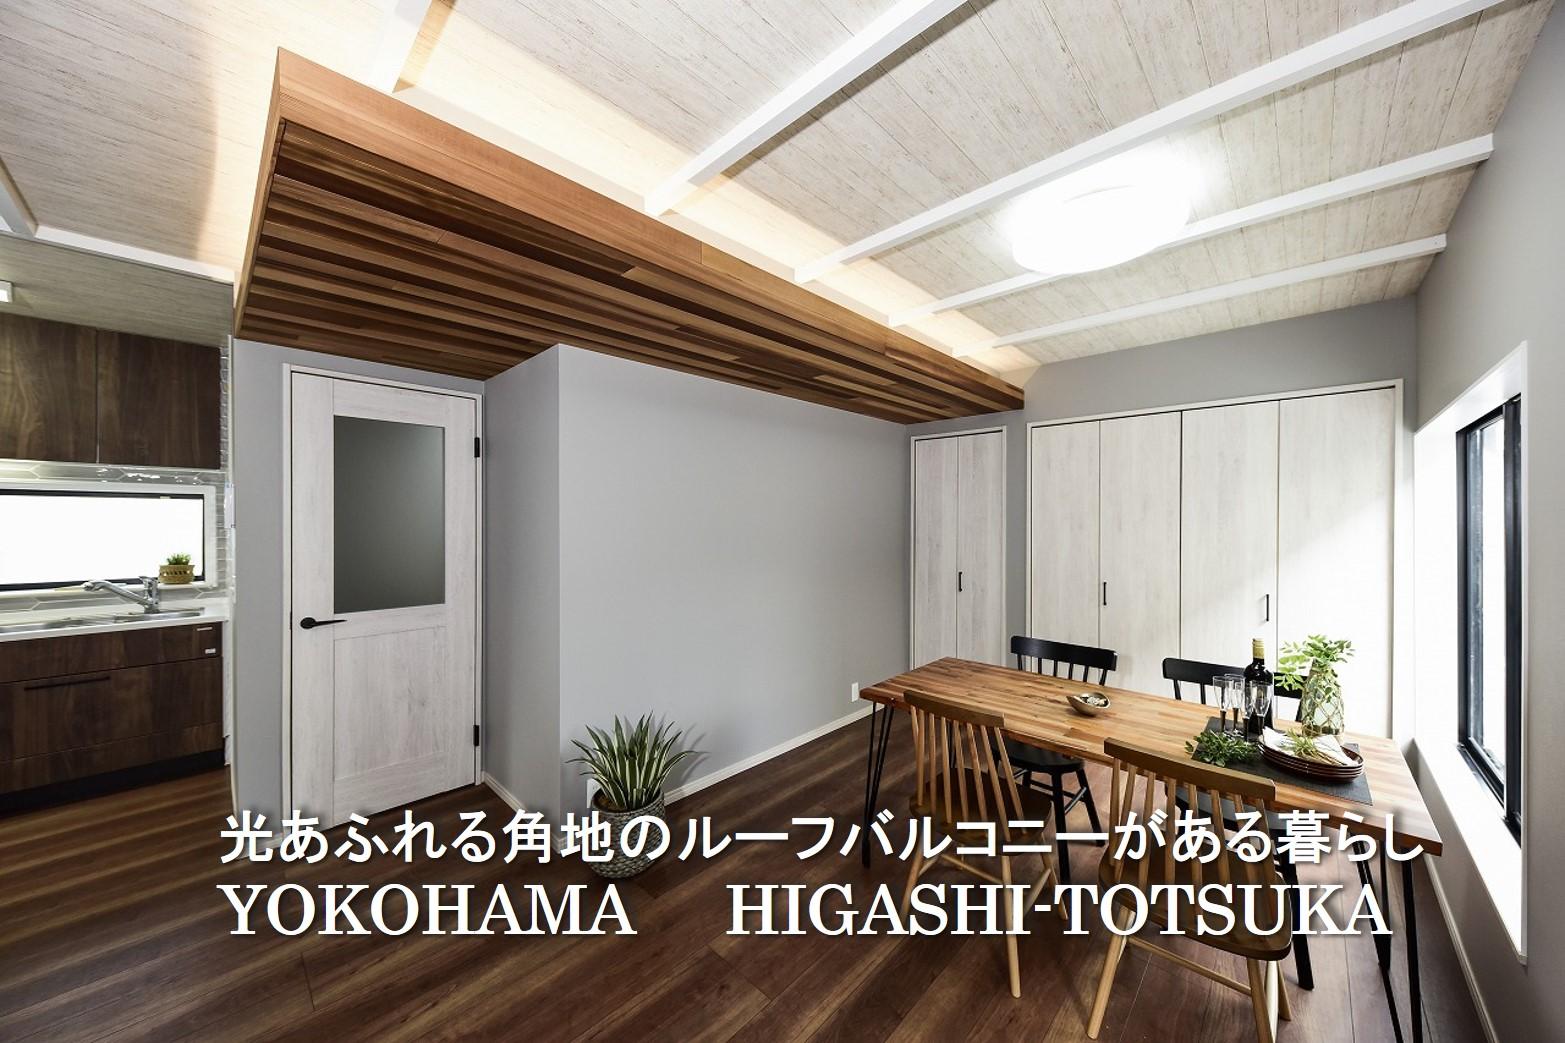 光あふれる角地のルーフバルコニーがある暮らし|YOKOHAMA HIGASHI-TOTSUKA